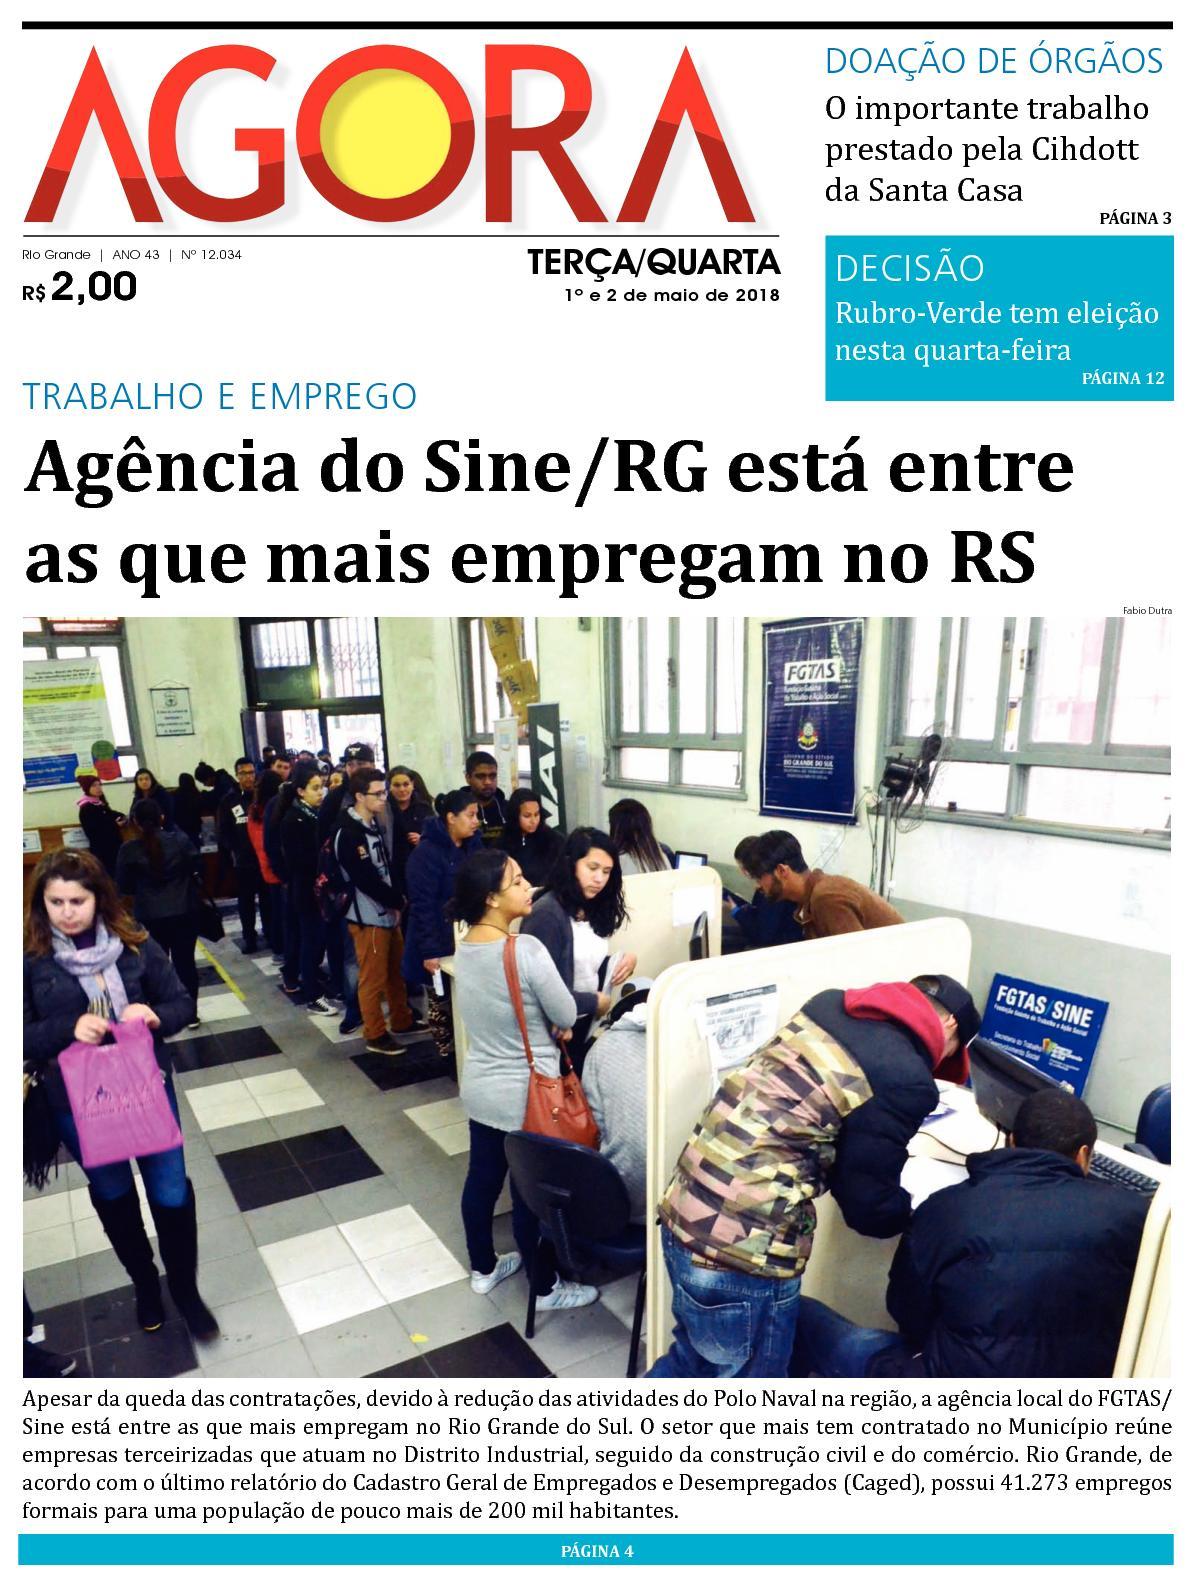 66e03e55c Calaméo - Jornal Agora - Edição 12034 - 1º e 2 de Maio de 2018